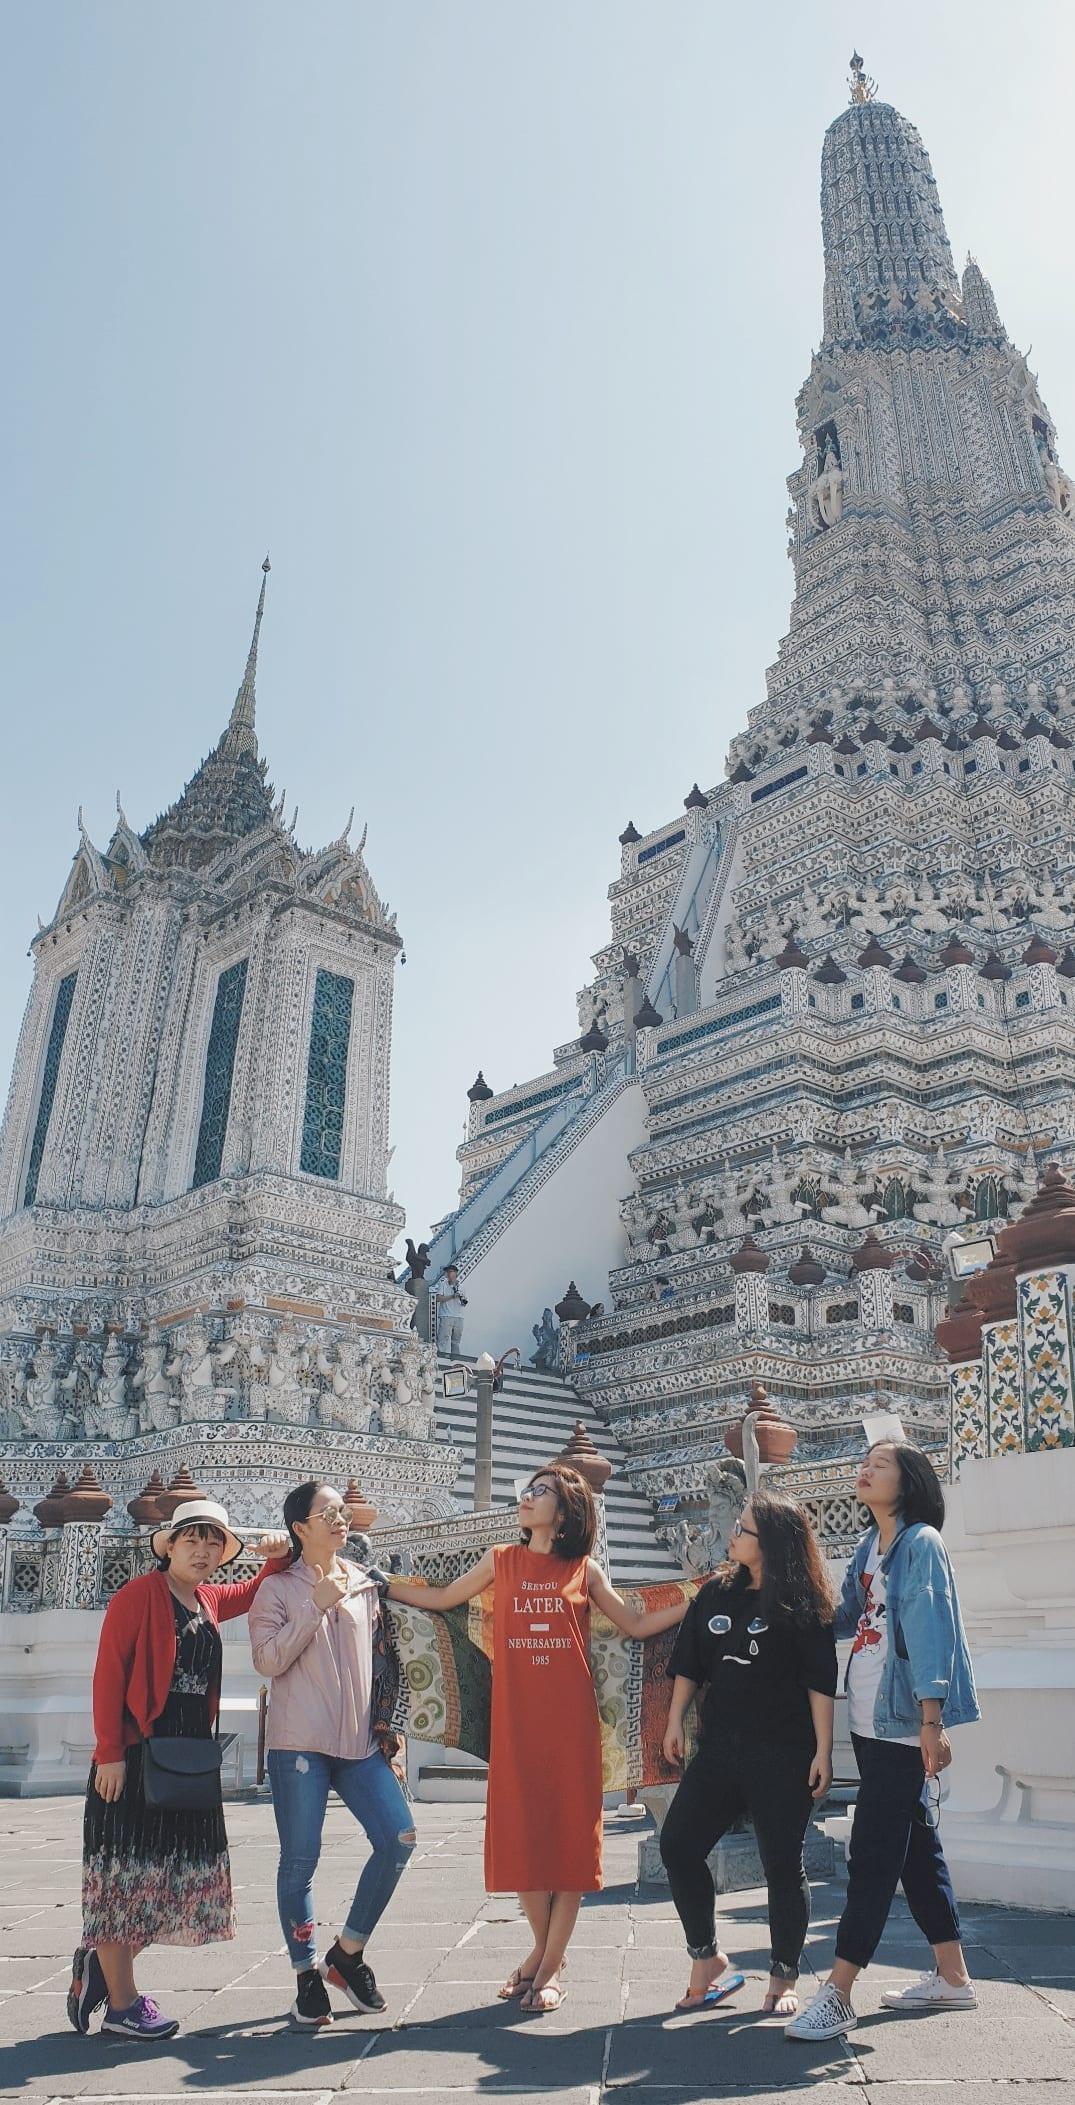 chụp hình tại chùa wat arun